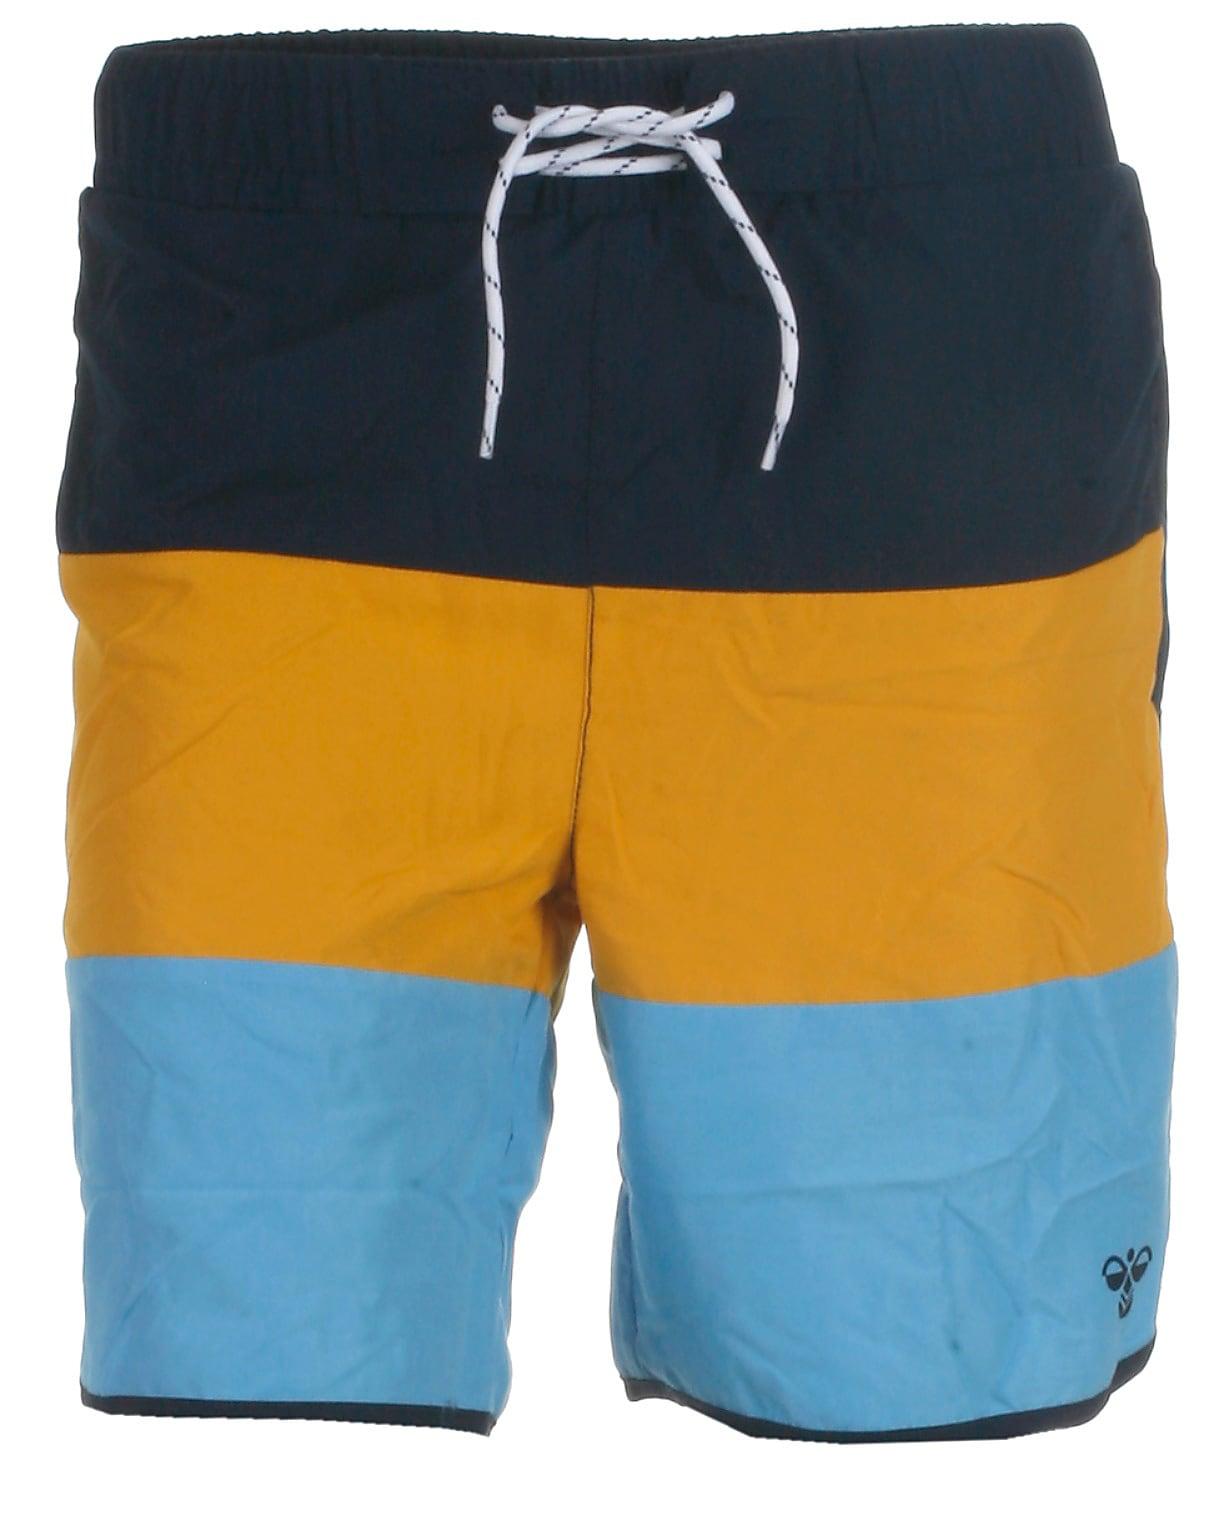 2b559ac168a Hummel badeshorts, Tomboard shorts, navy